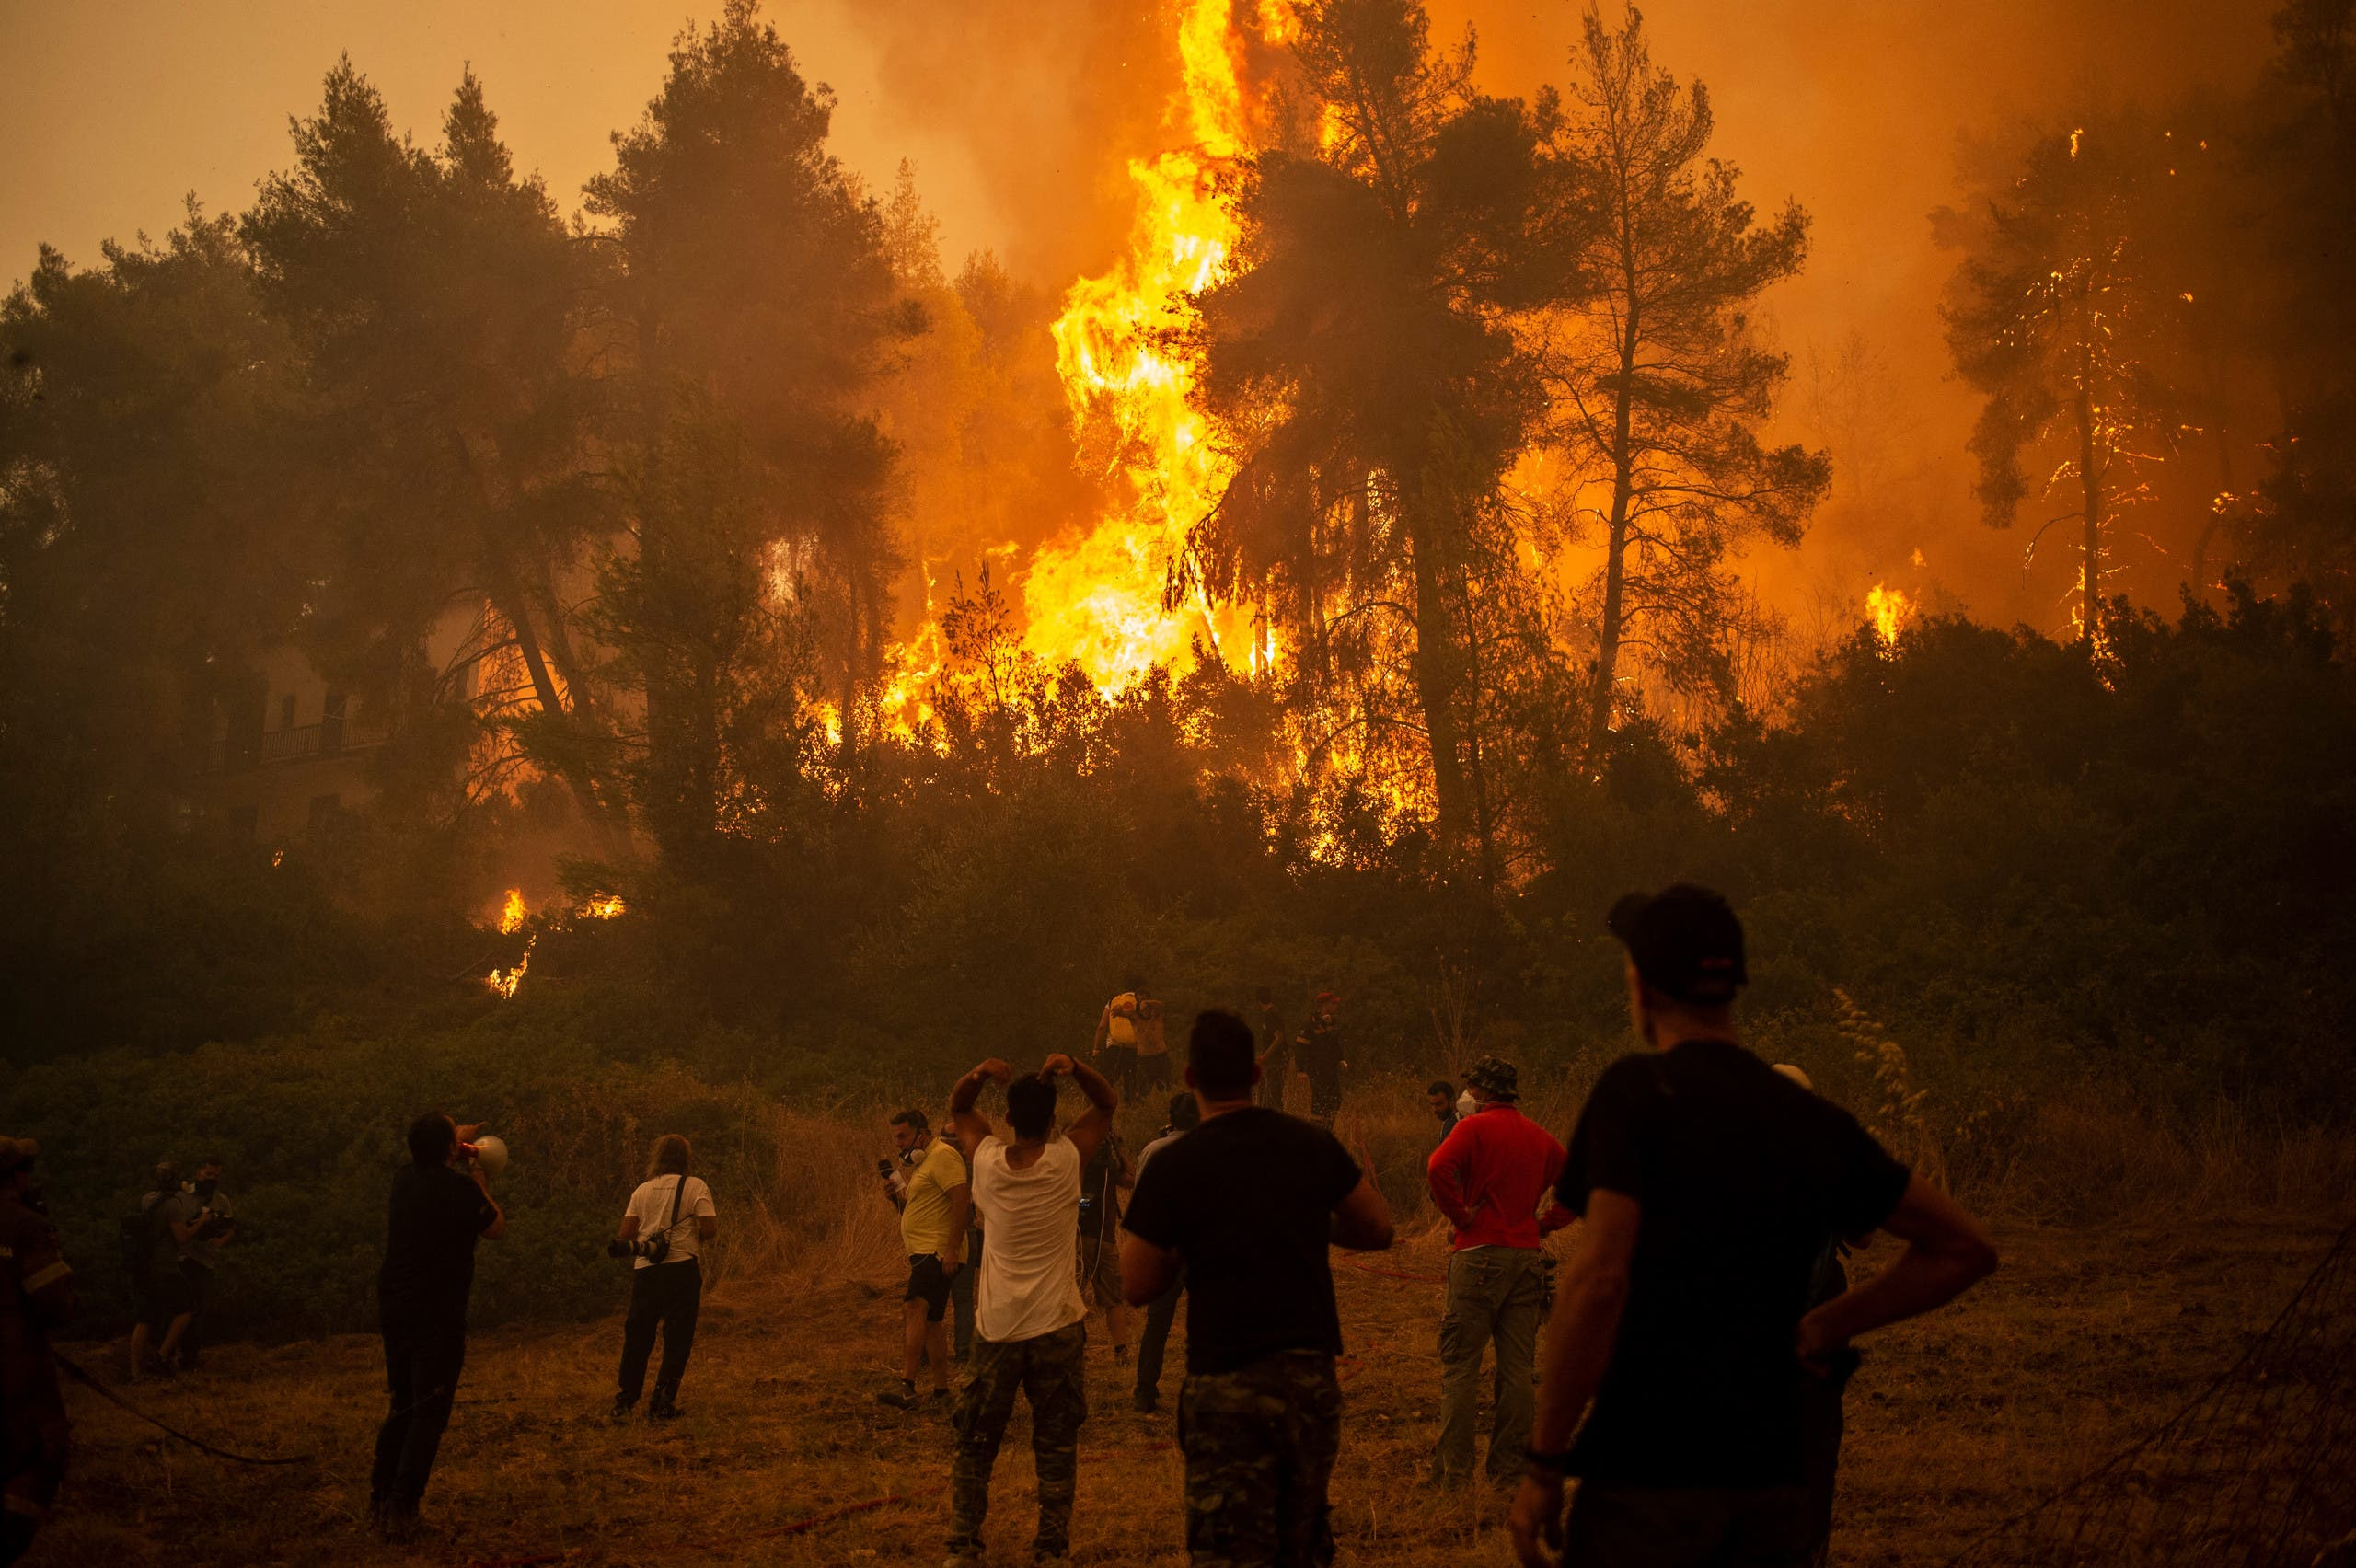 من حرائق الأسبوع الماضي في اليونان